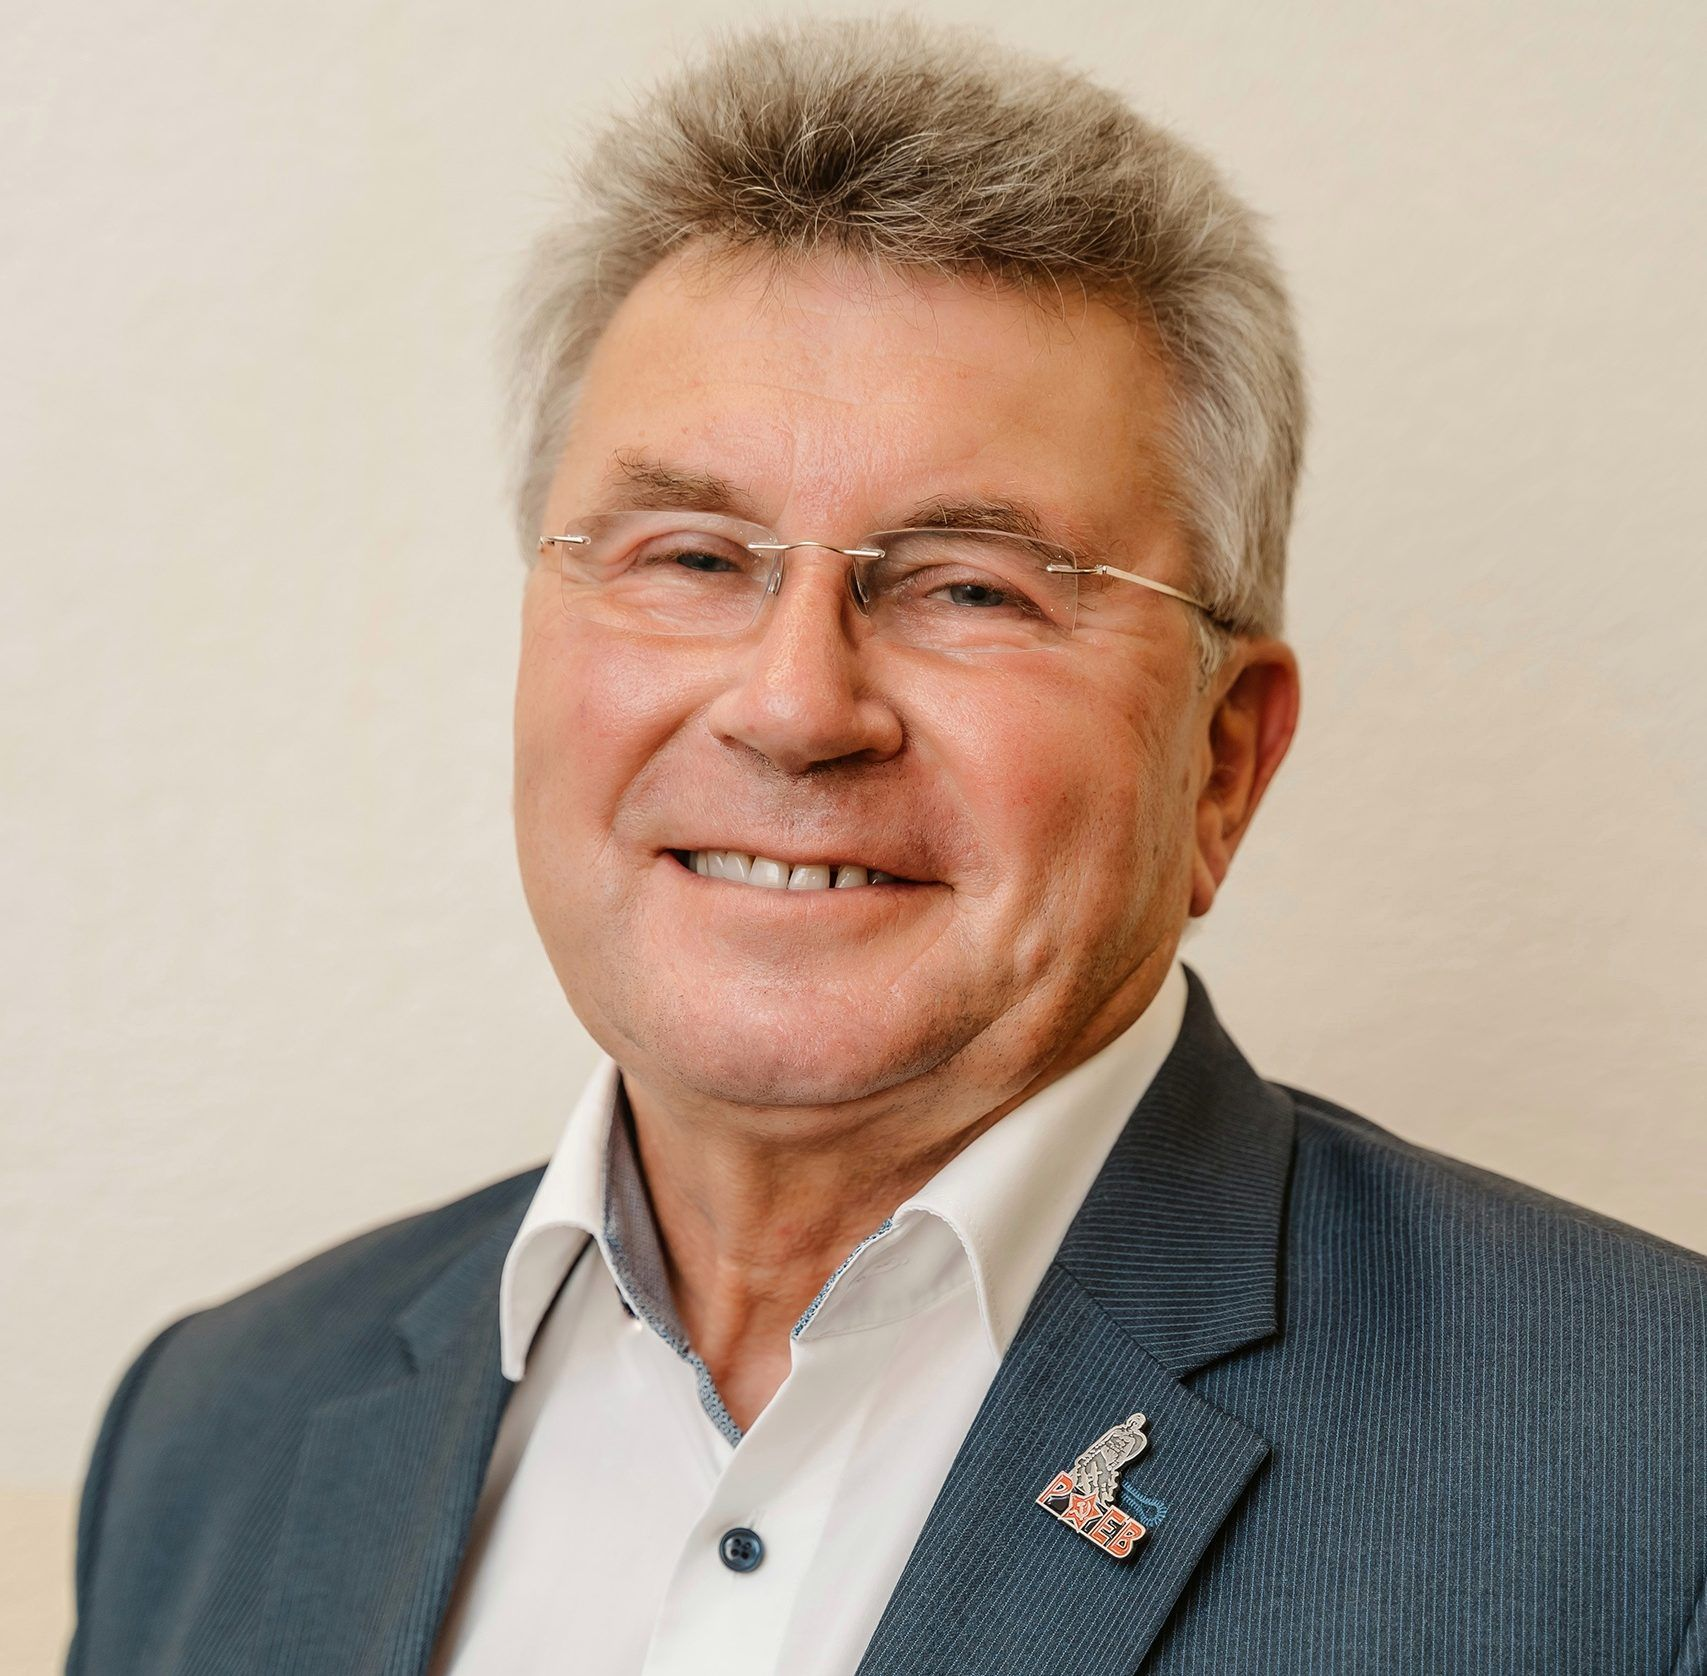 Андрей Белоцерковский: в инвестиционном климате Тверской области произошли кардинальные изменения